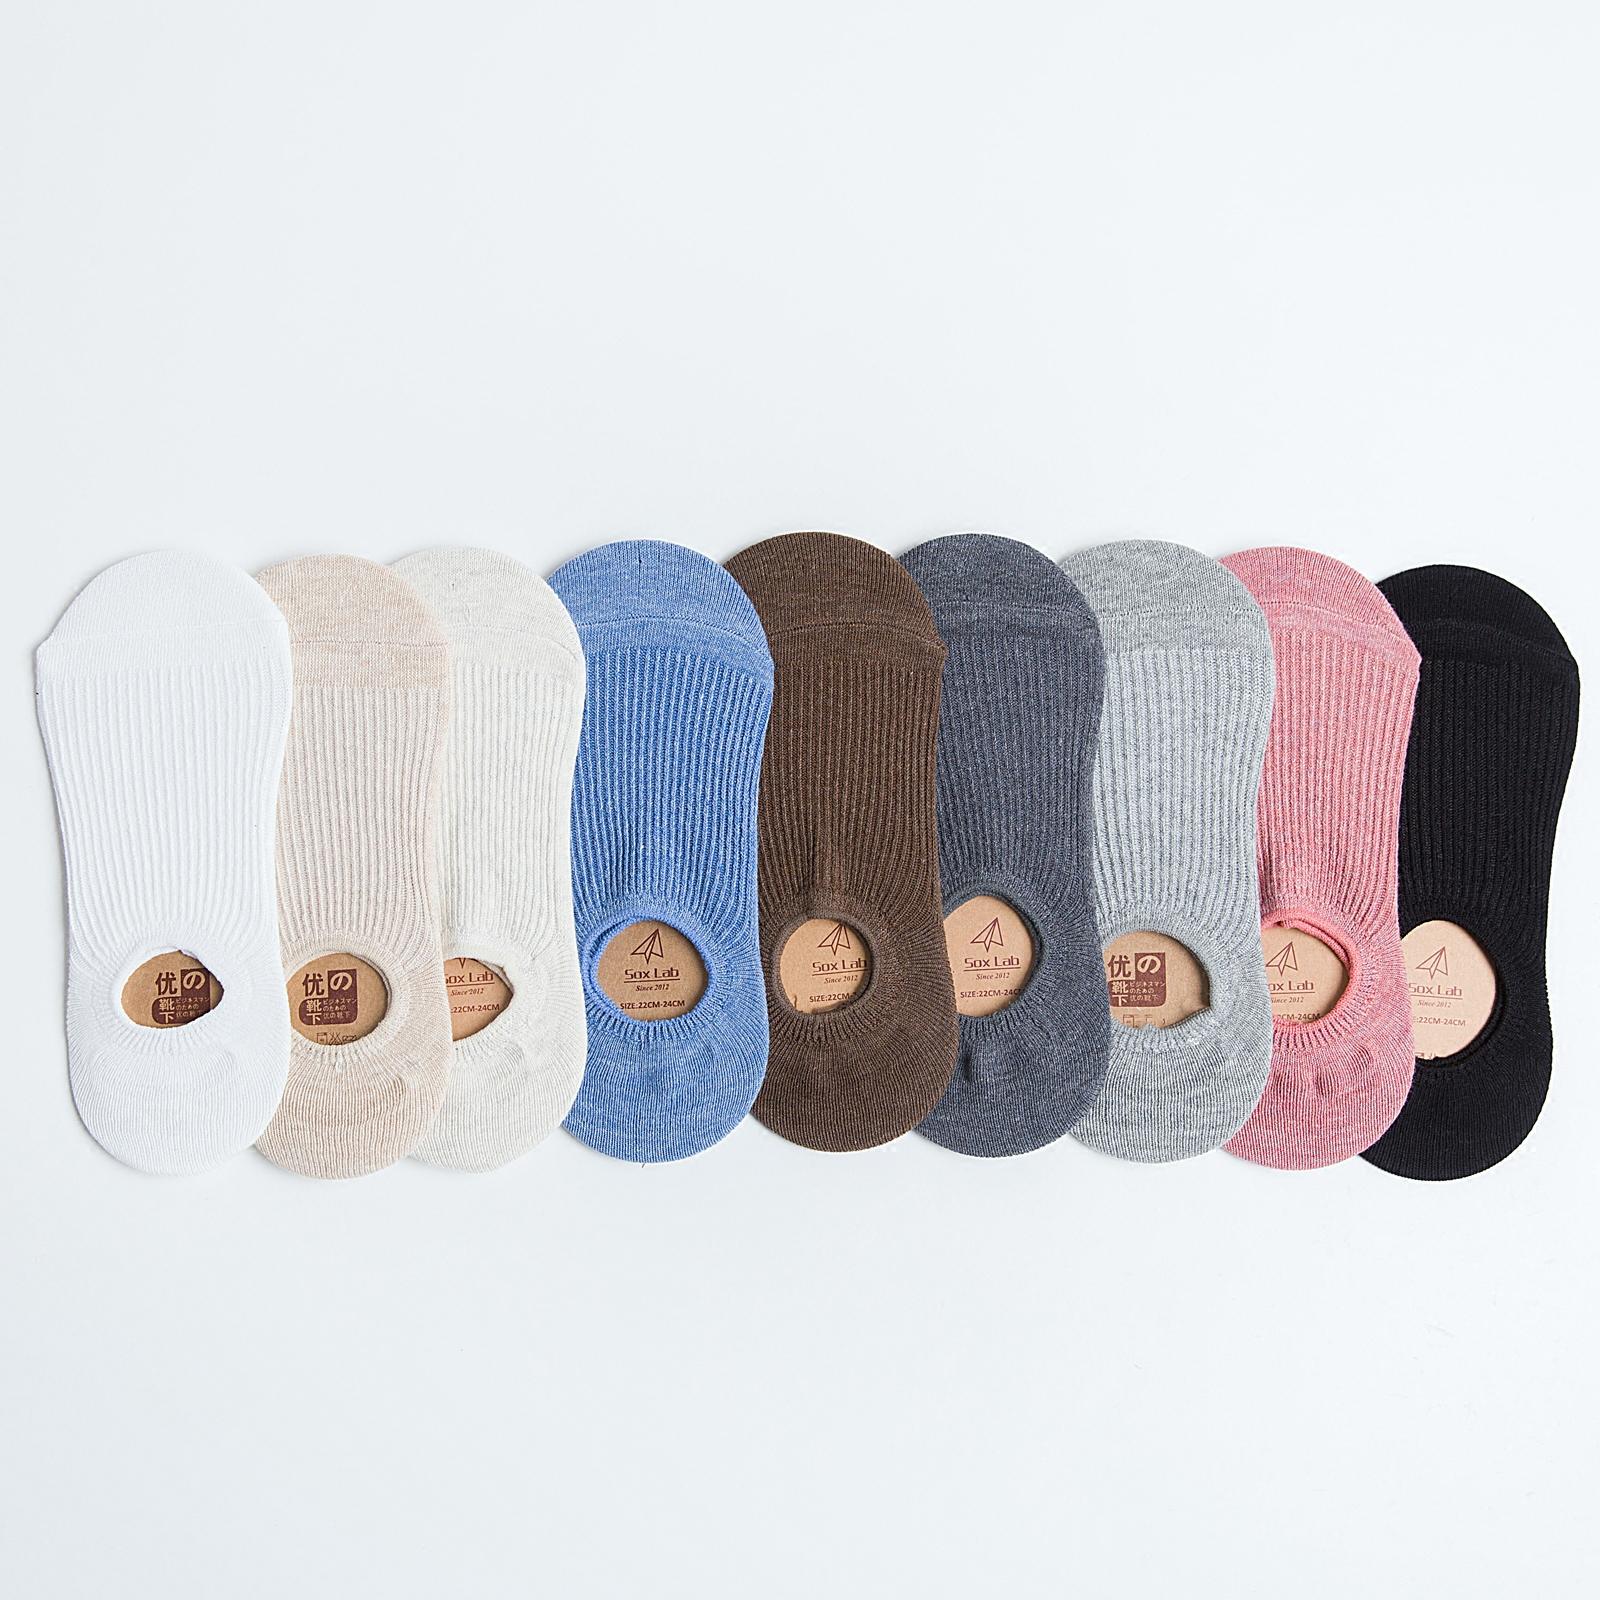 船袜女纯棉浅口袜子硅胶防滑纯棉女士夏季短袜薄款纯色低帮隐形袜